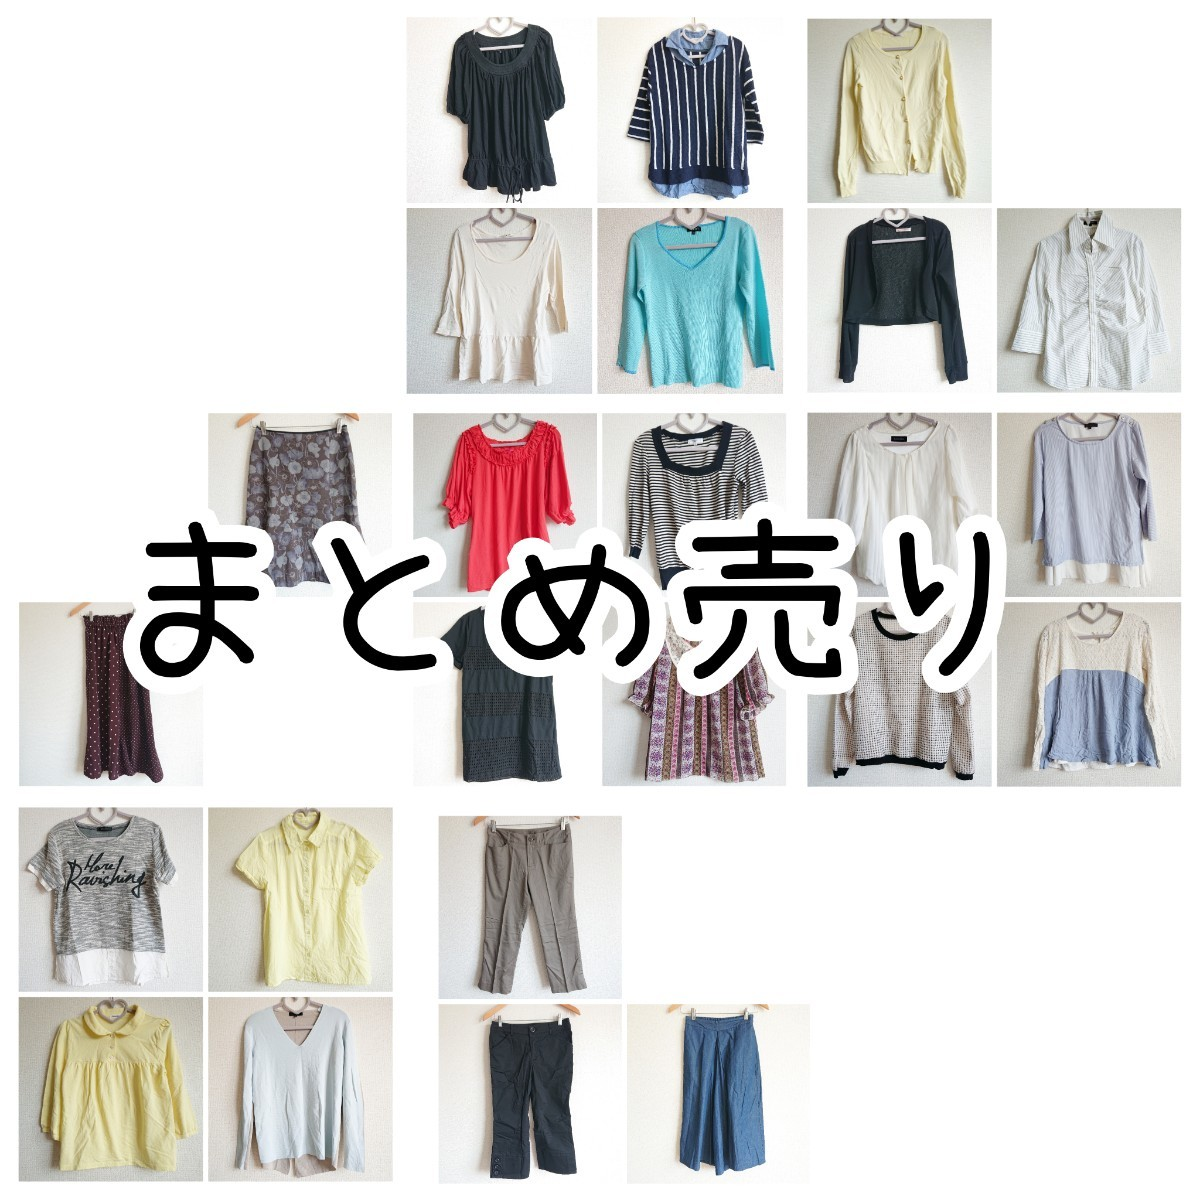 【まとめ売り】24点セット ブラウス シャツ パンツ 他 S-M